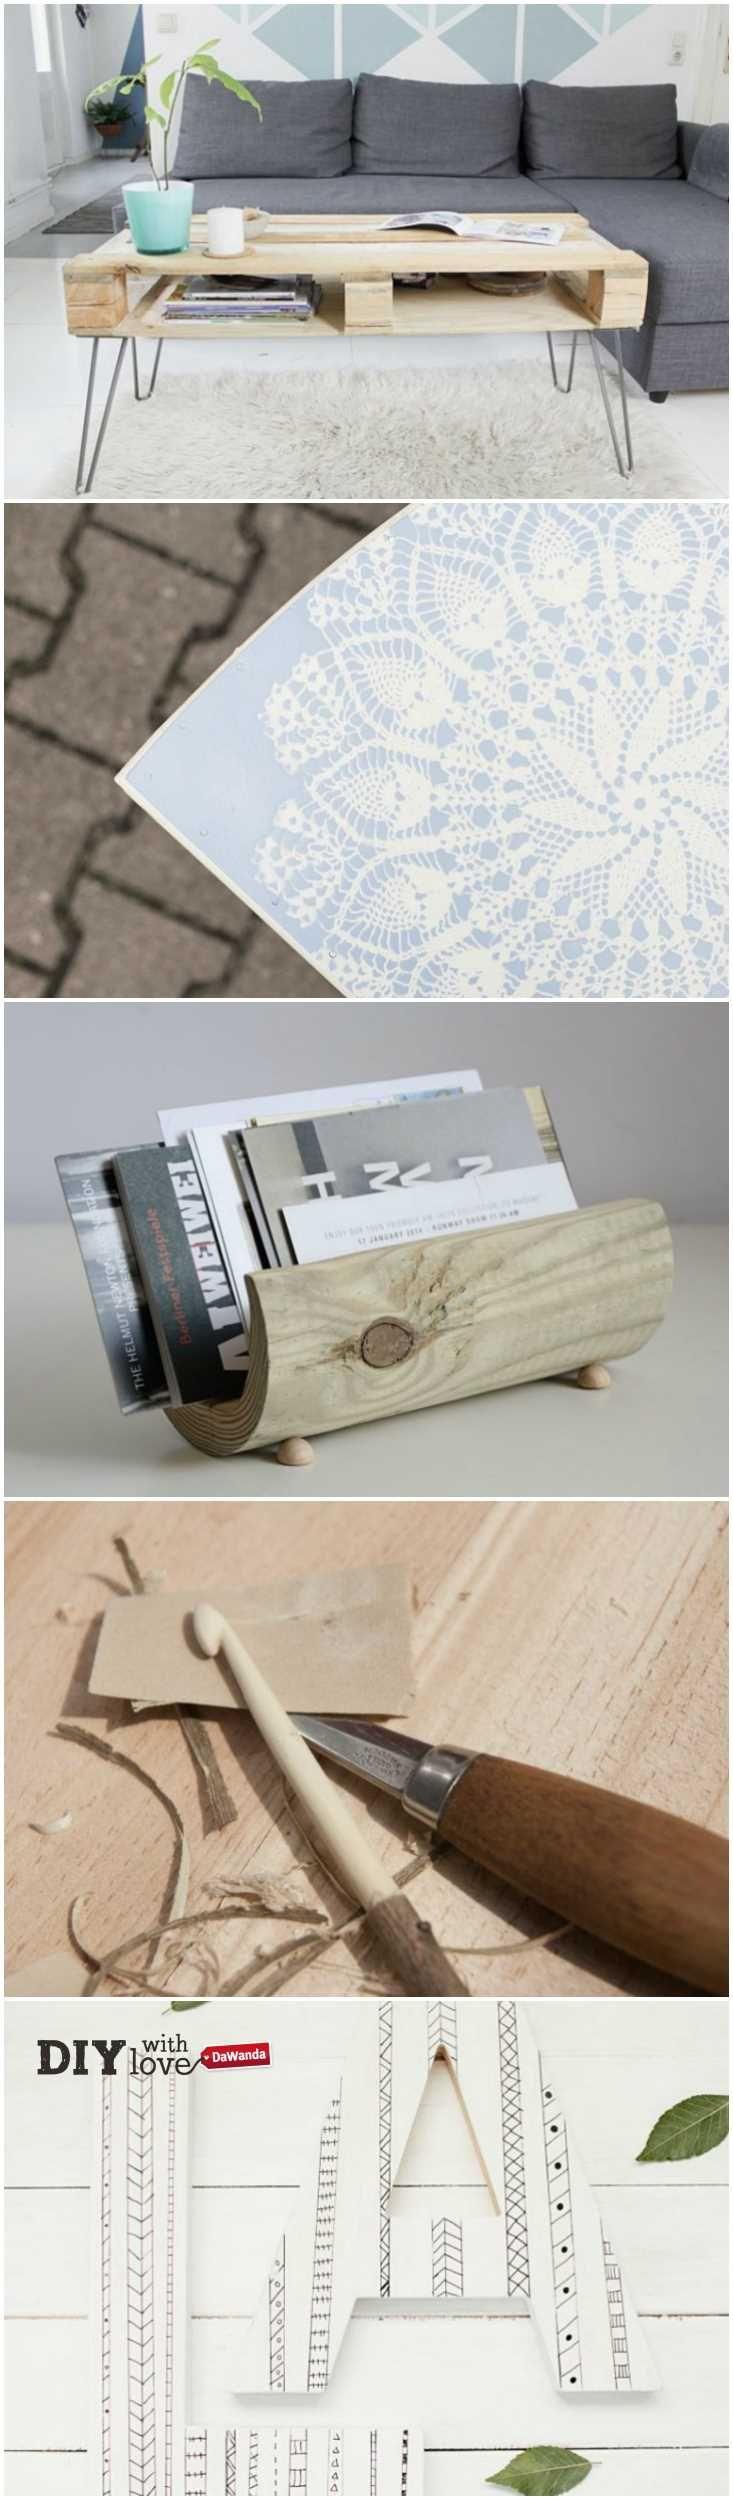 Tanti progetti fai da te con il legno: scegli il tuo preferito! http://it.dawanda.com/tutorial-fai-da-te/fai-da-te-legno/